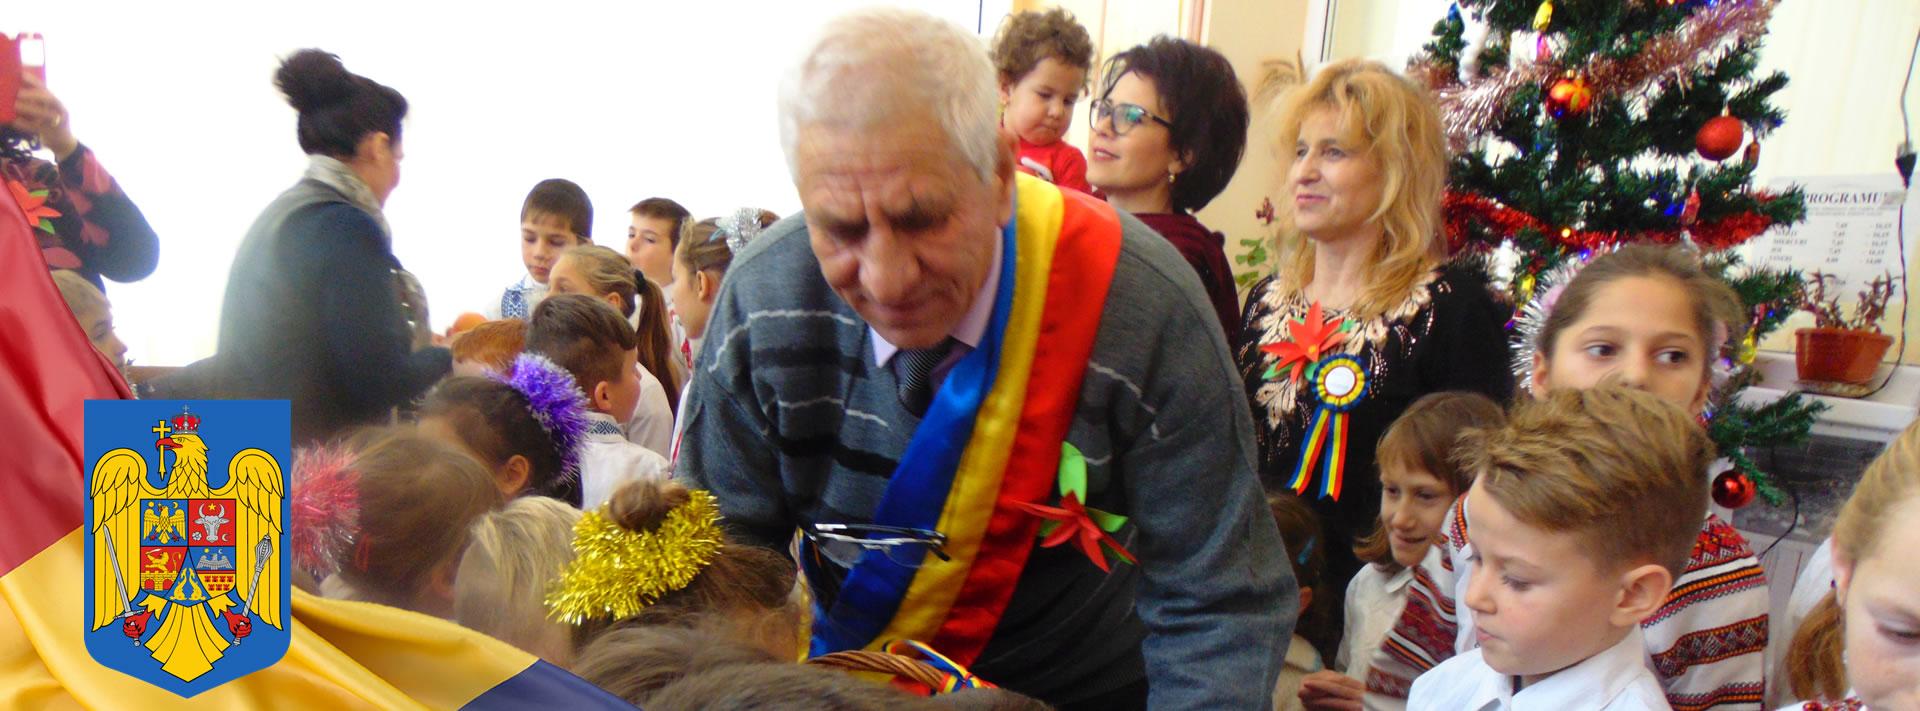 Primarul comunei Beresti-Meria, printre copii